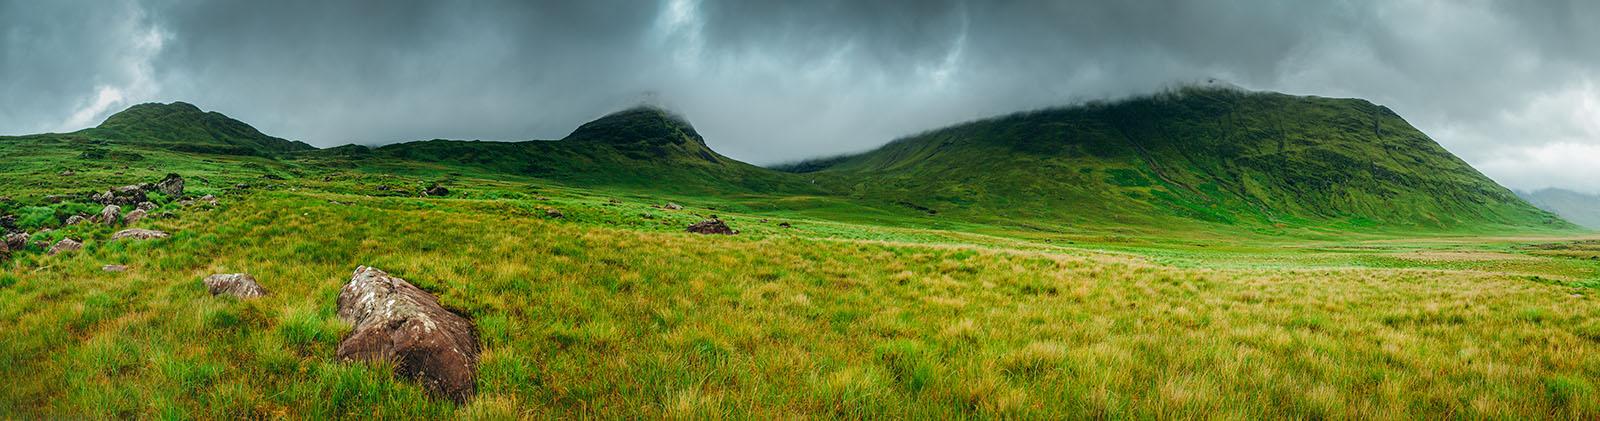 Mweelrea Mountain, County Mayo